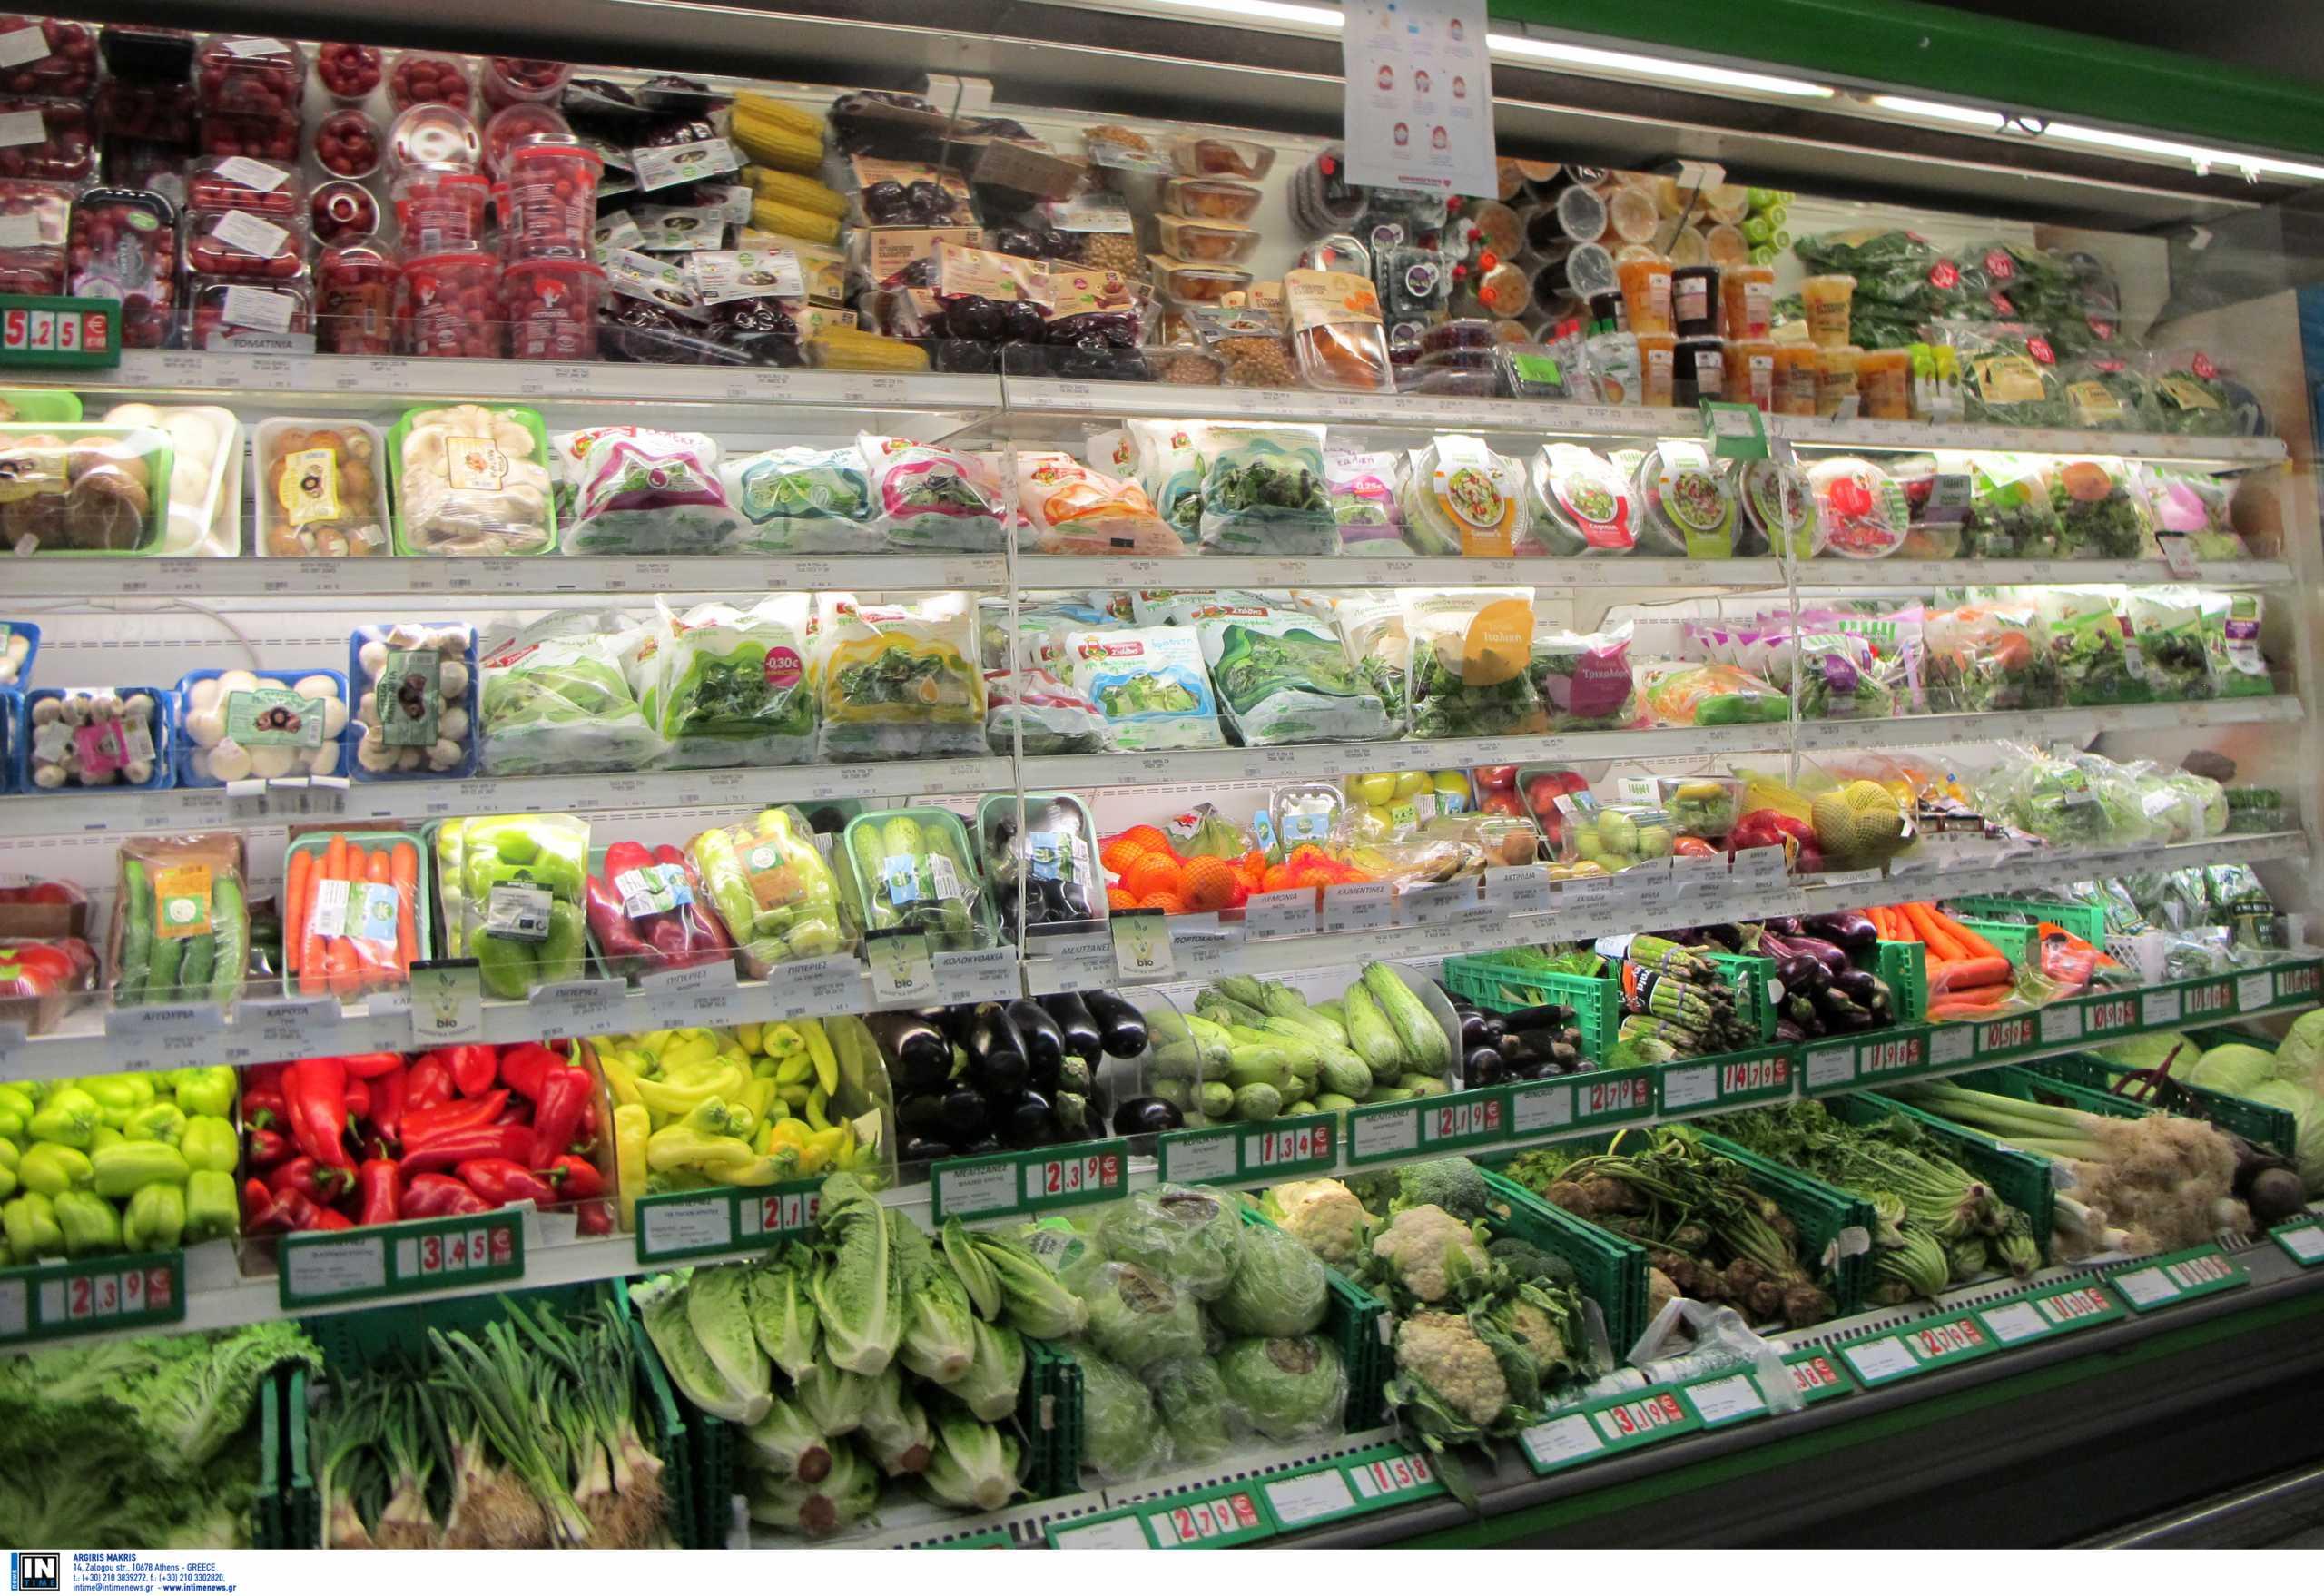 Γαλλία: Τέλος οι πλαστικές συσκευασίες για τα περισσότερα φρούτα και λαχανικά από 1η Ιανουαρίου